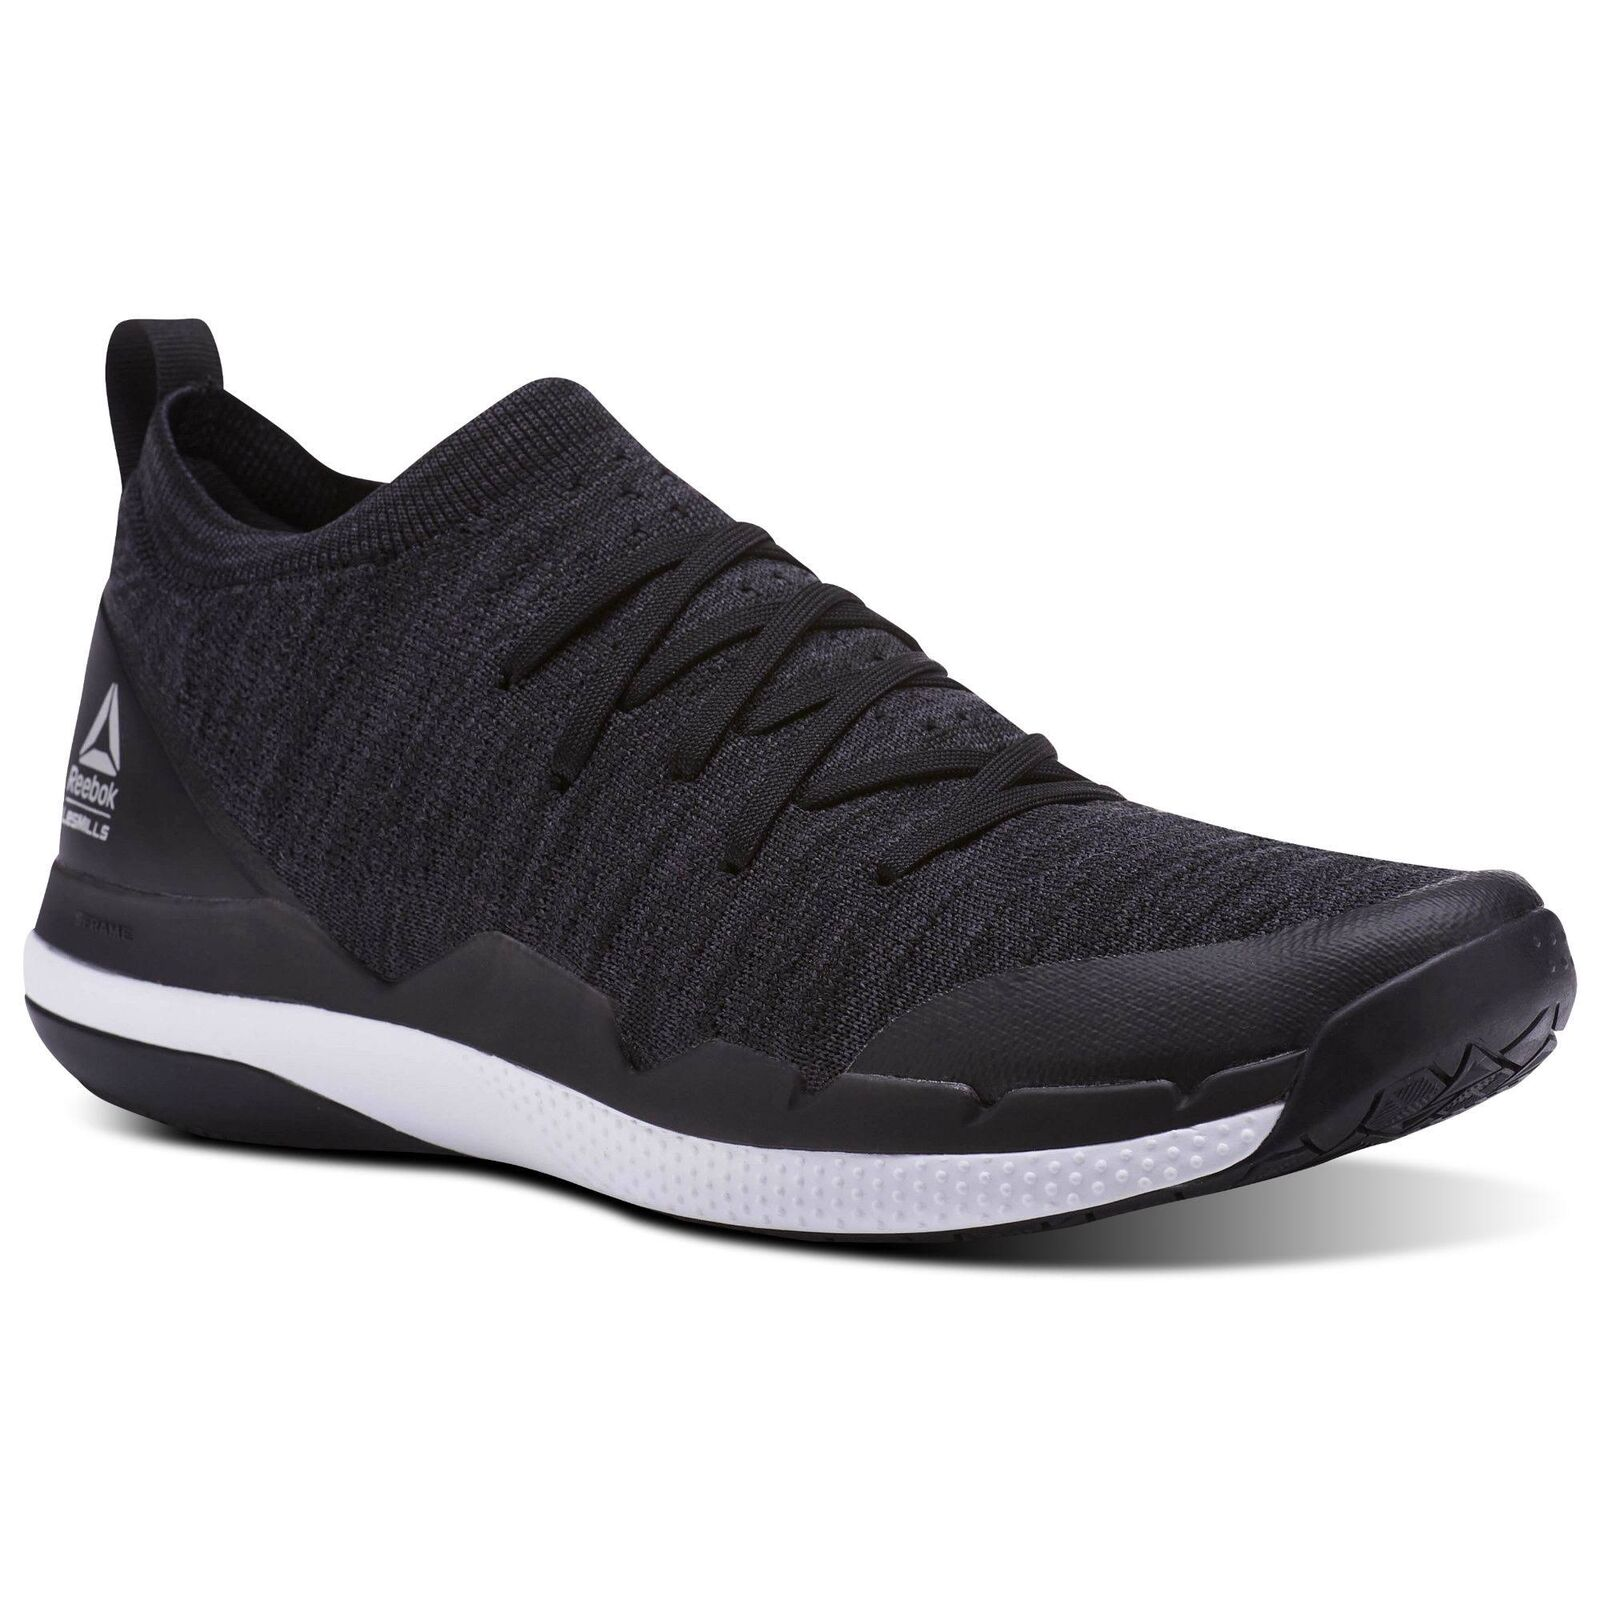 Reebok Para hombres Ultra Circuit TR ultk Lm Negro blancoo Zapatillas CN5947 11,5